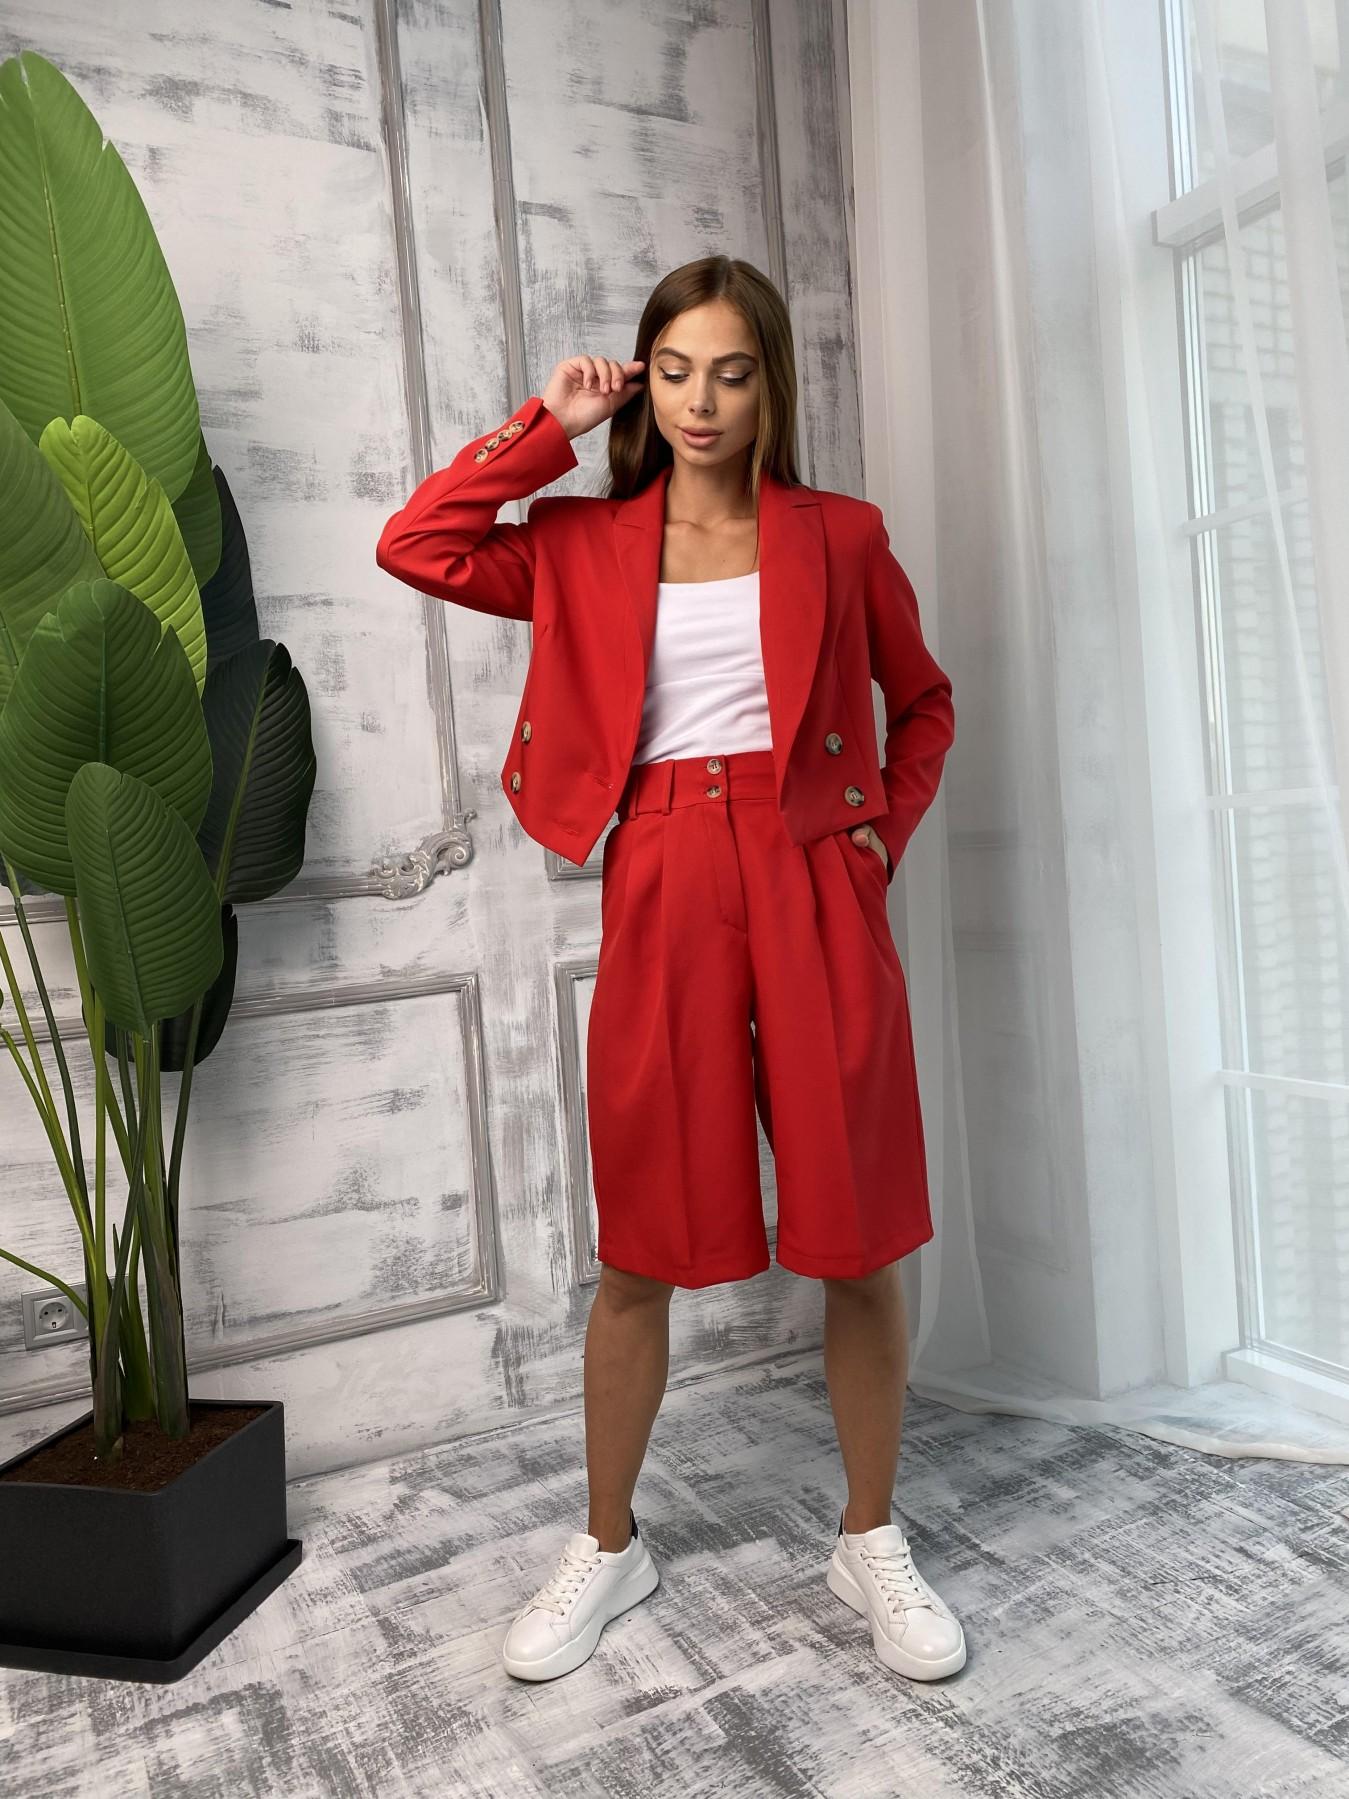 Оксфорд костюм из костюмной ткани стрейч 11548 АРТ. 48400 Цвет: Красный - фото 2, интернет магазин tm-modus.ru